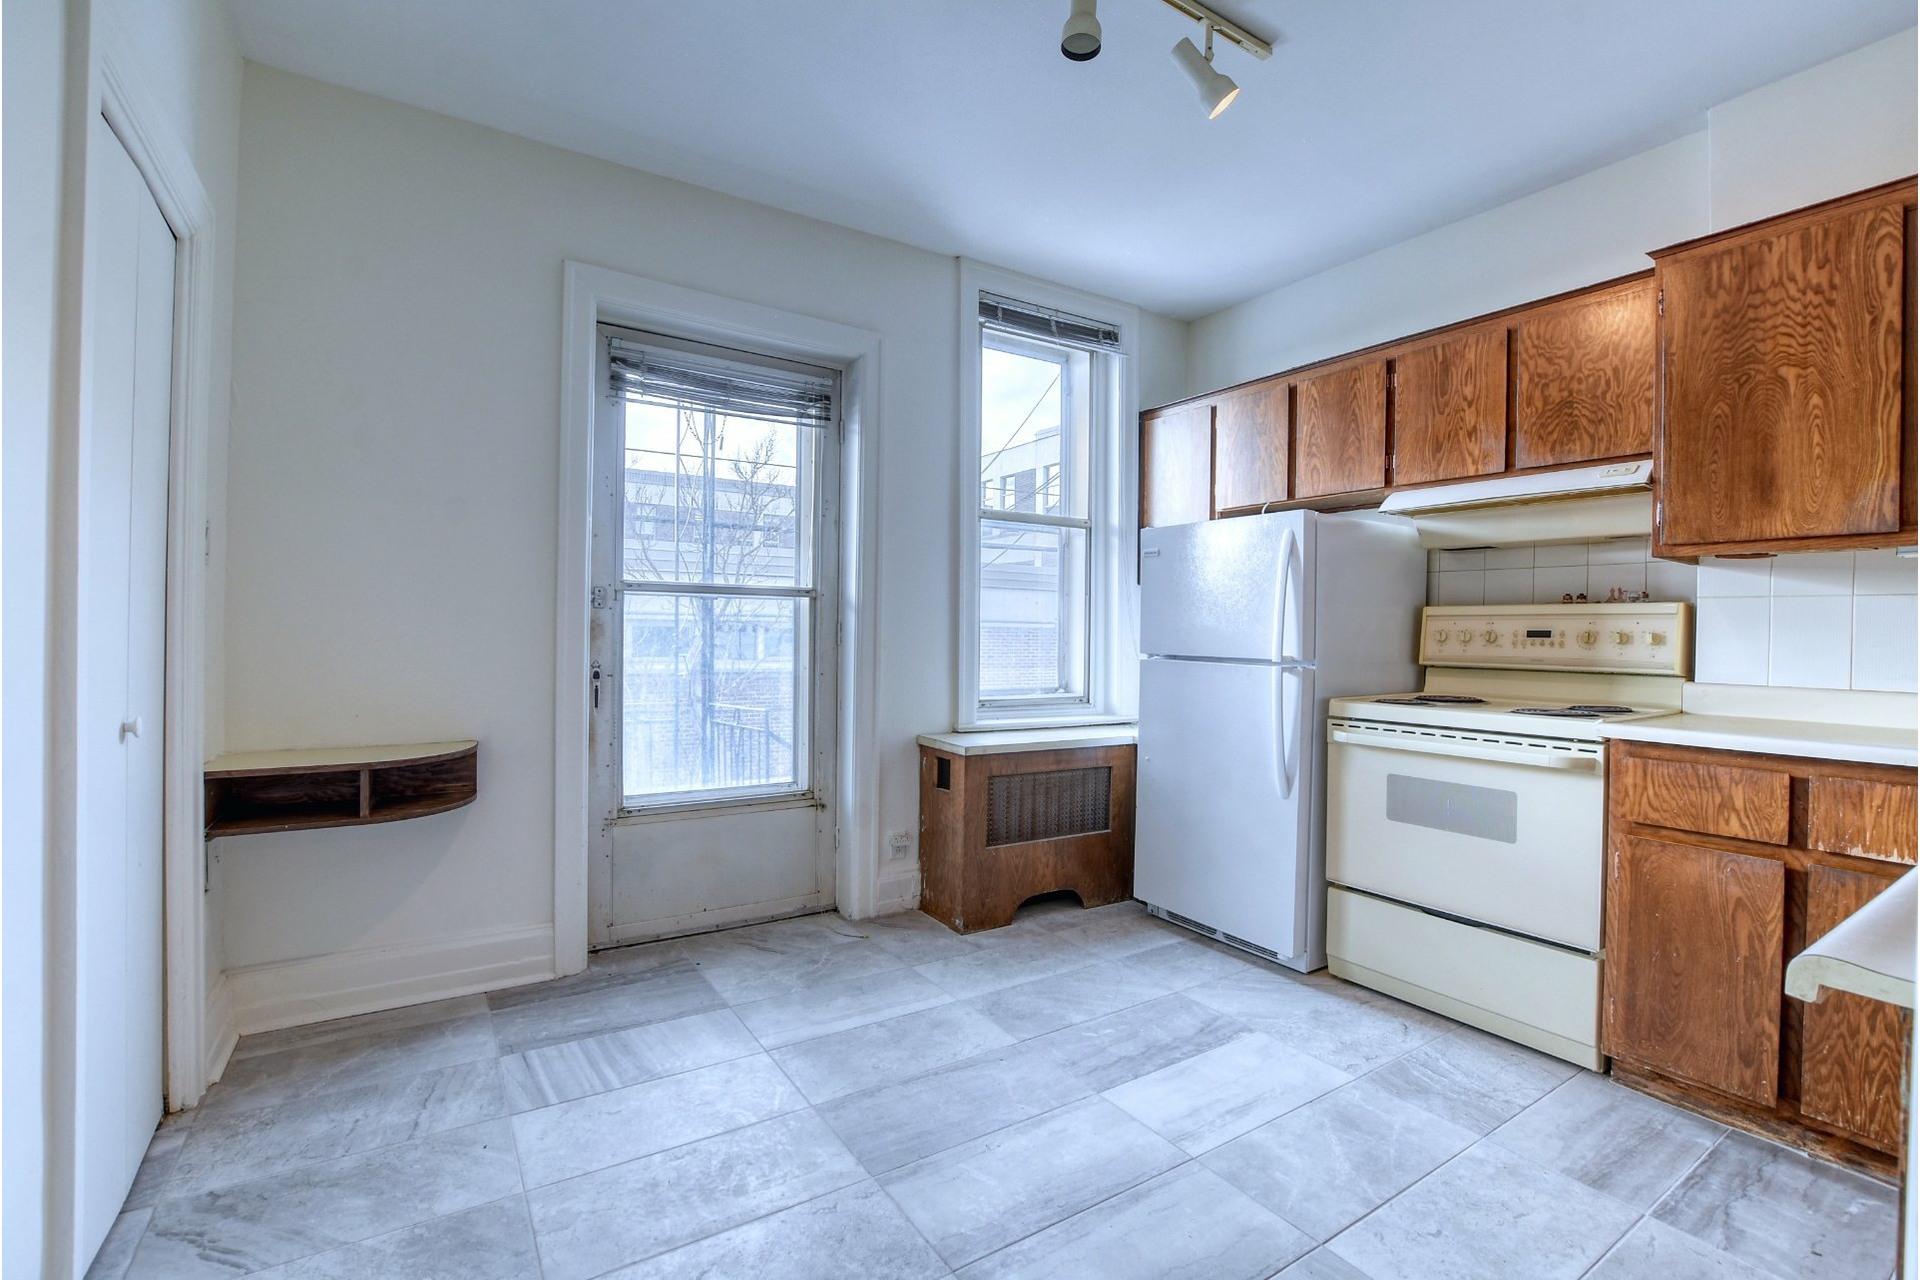 image 8 - Duplex For sale Côte-des-Neiges/Notre-Dame-de-Grâce Montréal  - 8 rooms